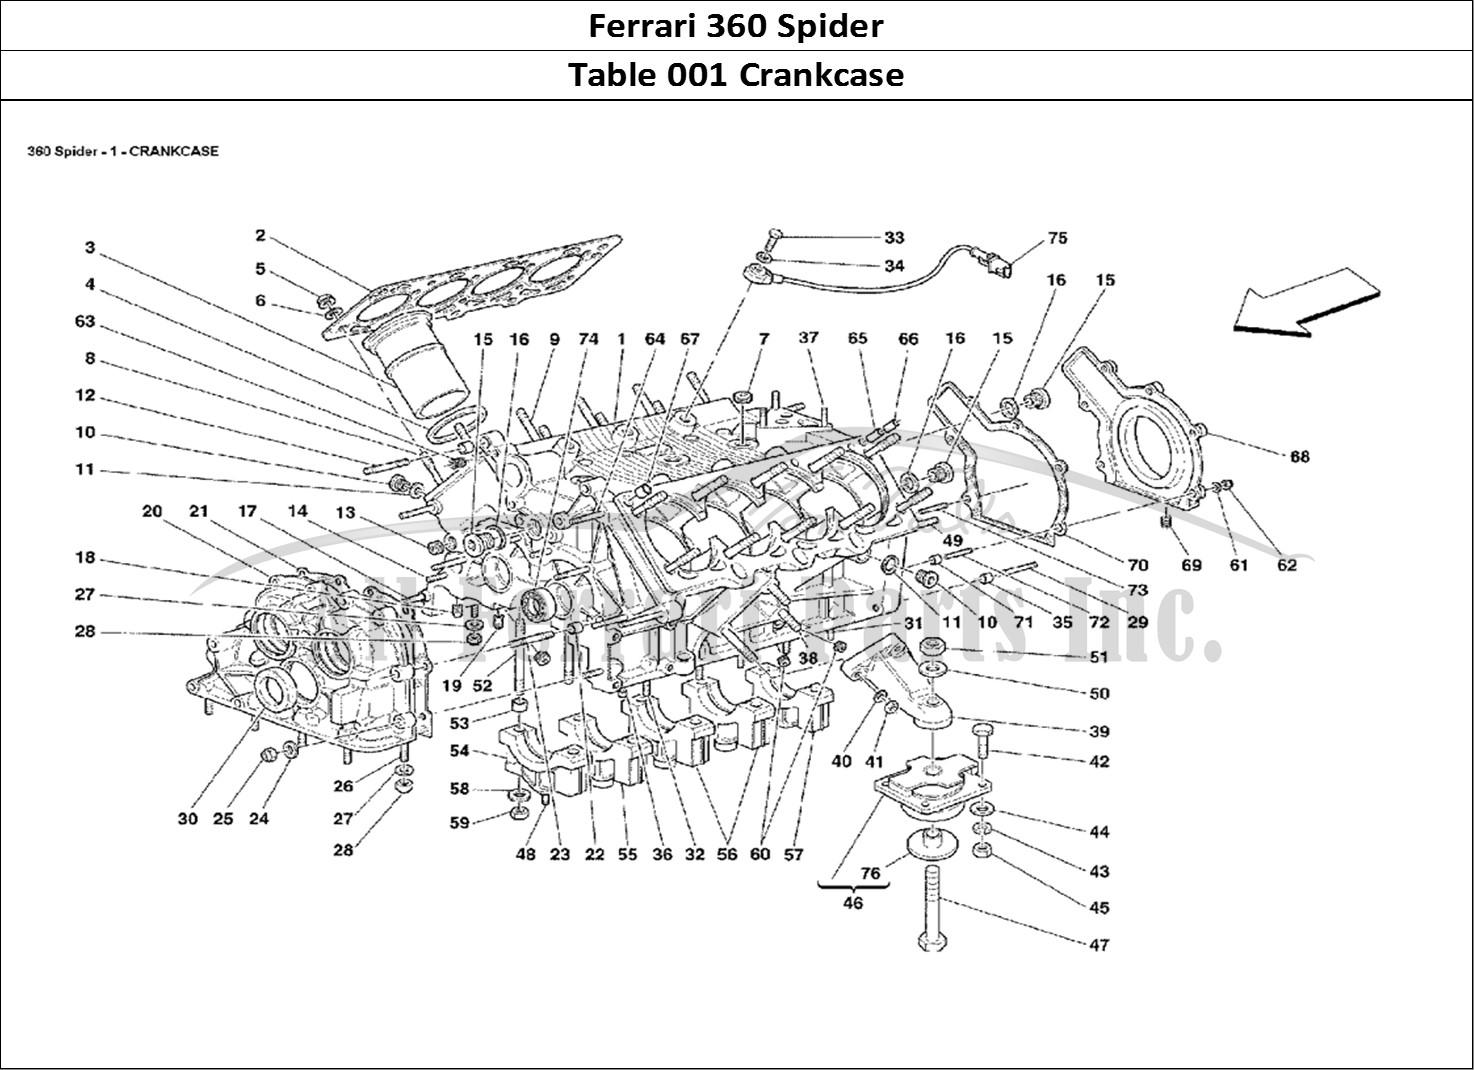 Buy Original Ferrari 360 Spider 001 Crankcase Ferrari